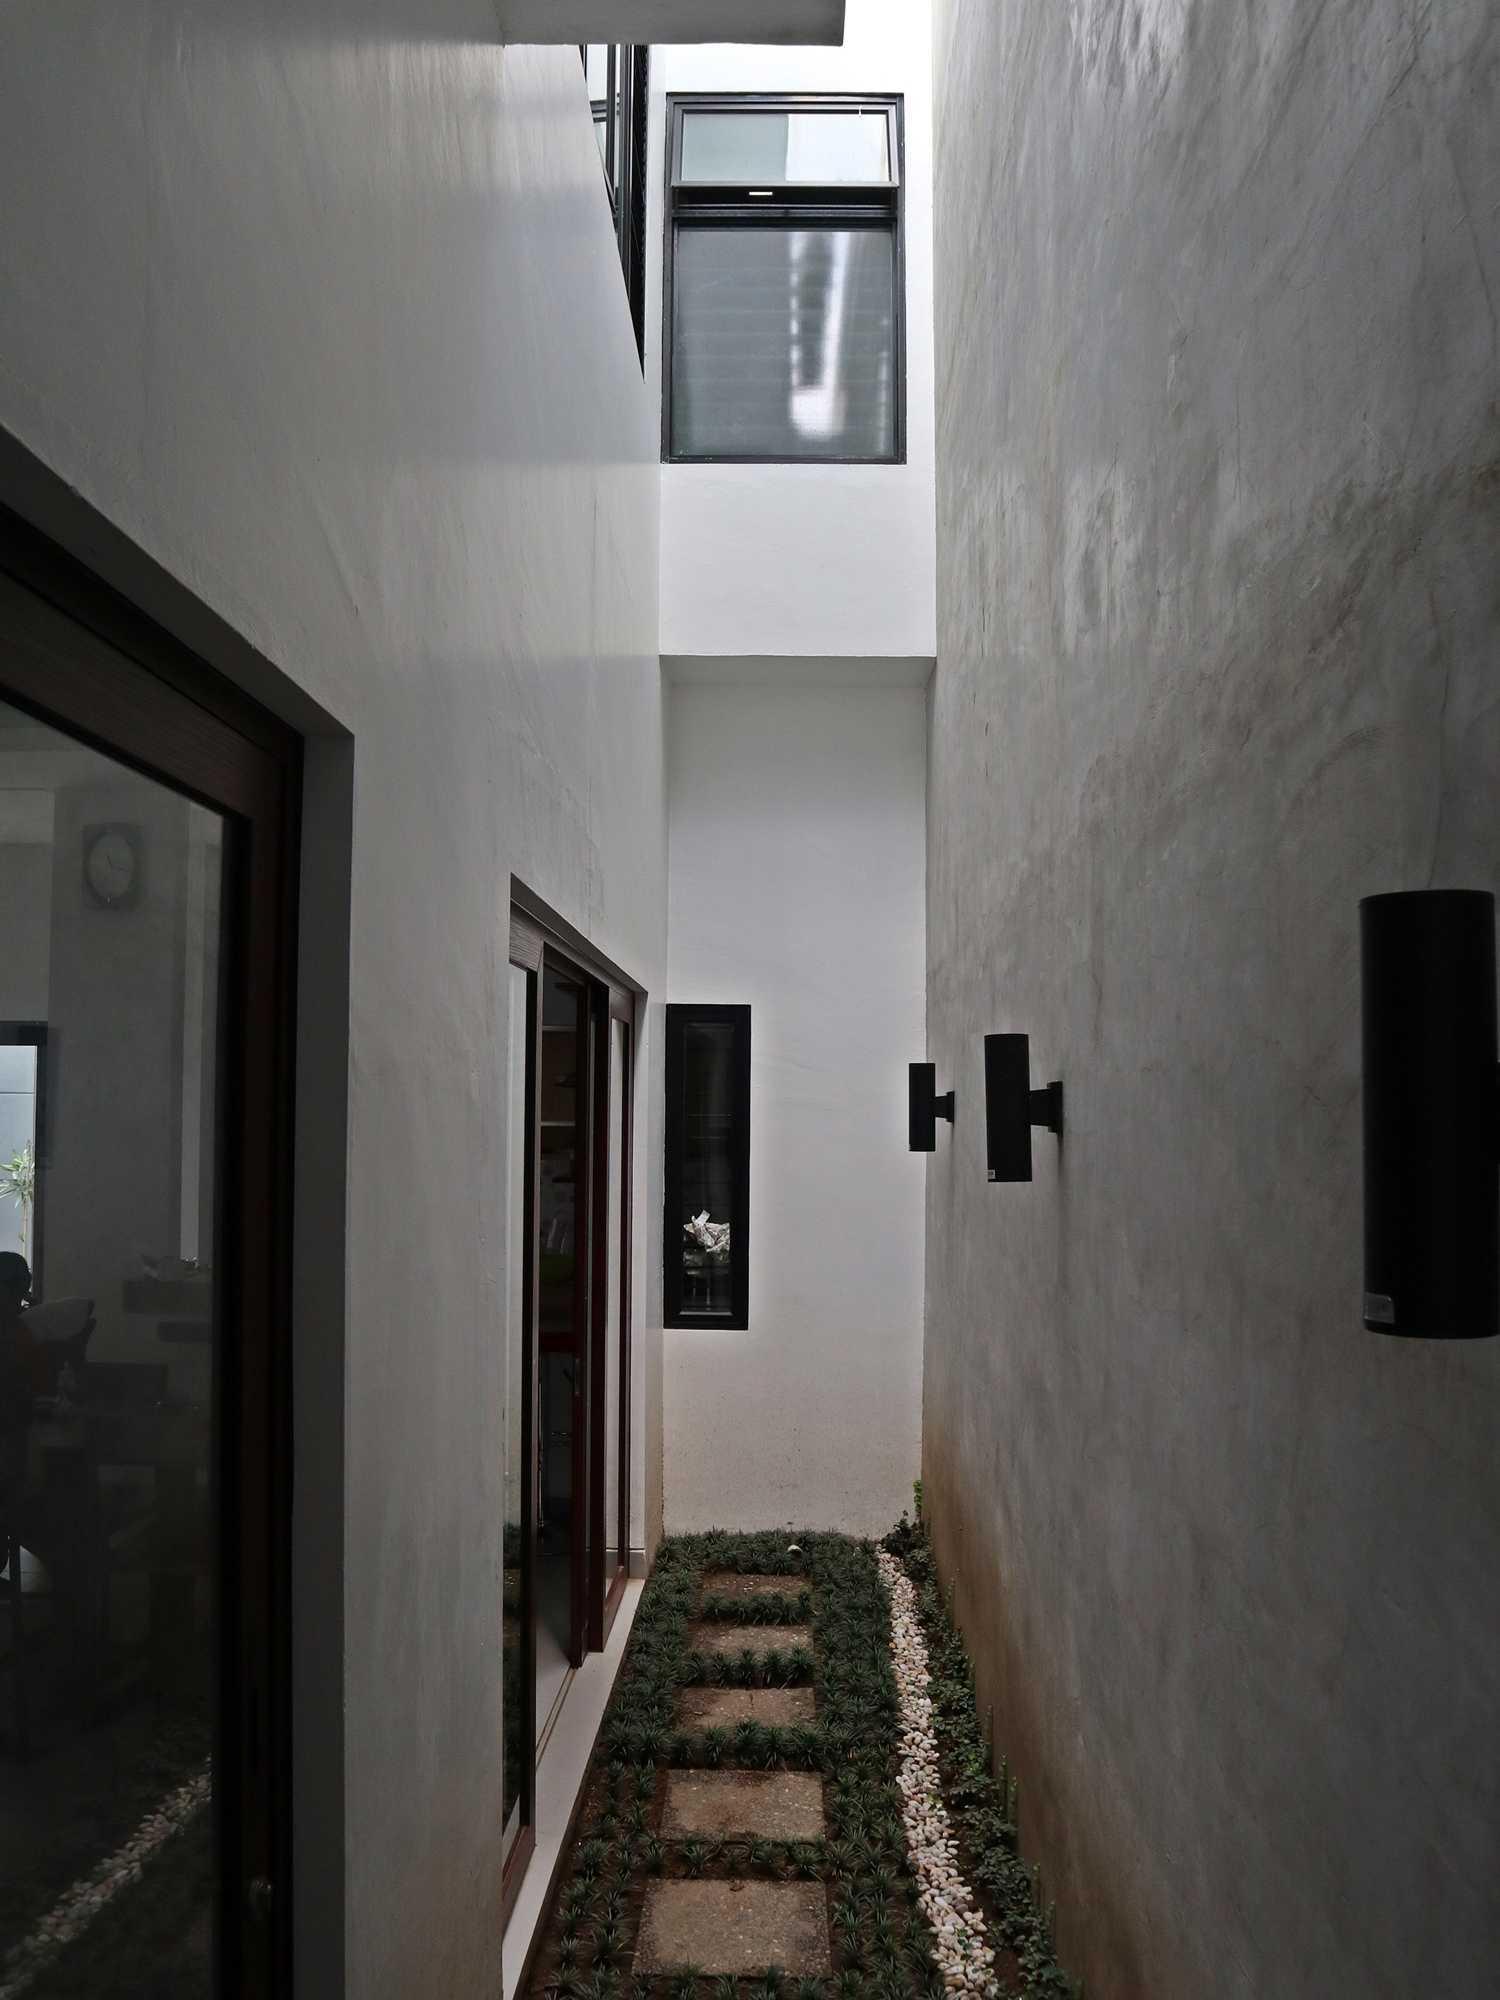 Bd Studio Hd House Medan, Kota Medan, Sumatera Utara, Indonesia Medan, Kota Medan, Sumatera Utara, Indonesia Bd-Studio-Hd-House  73814